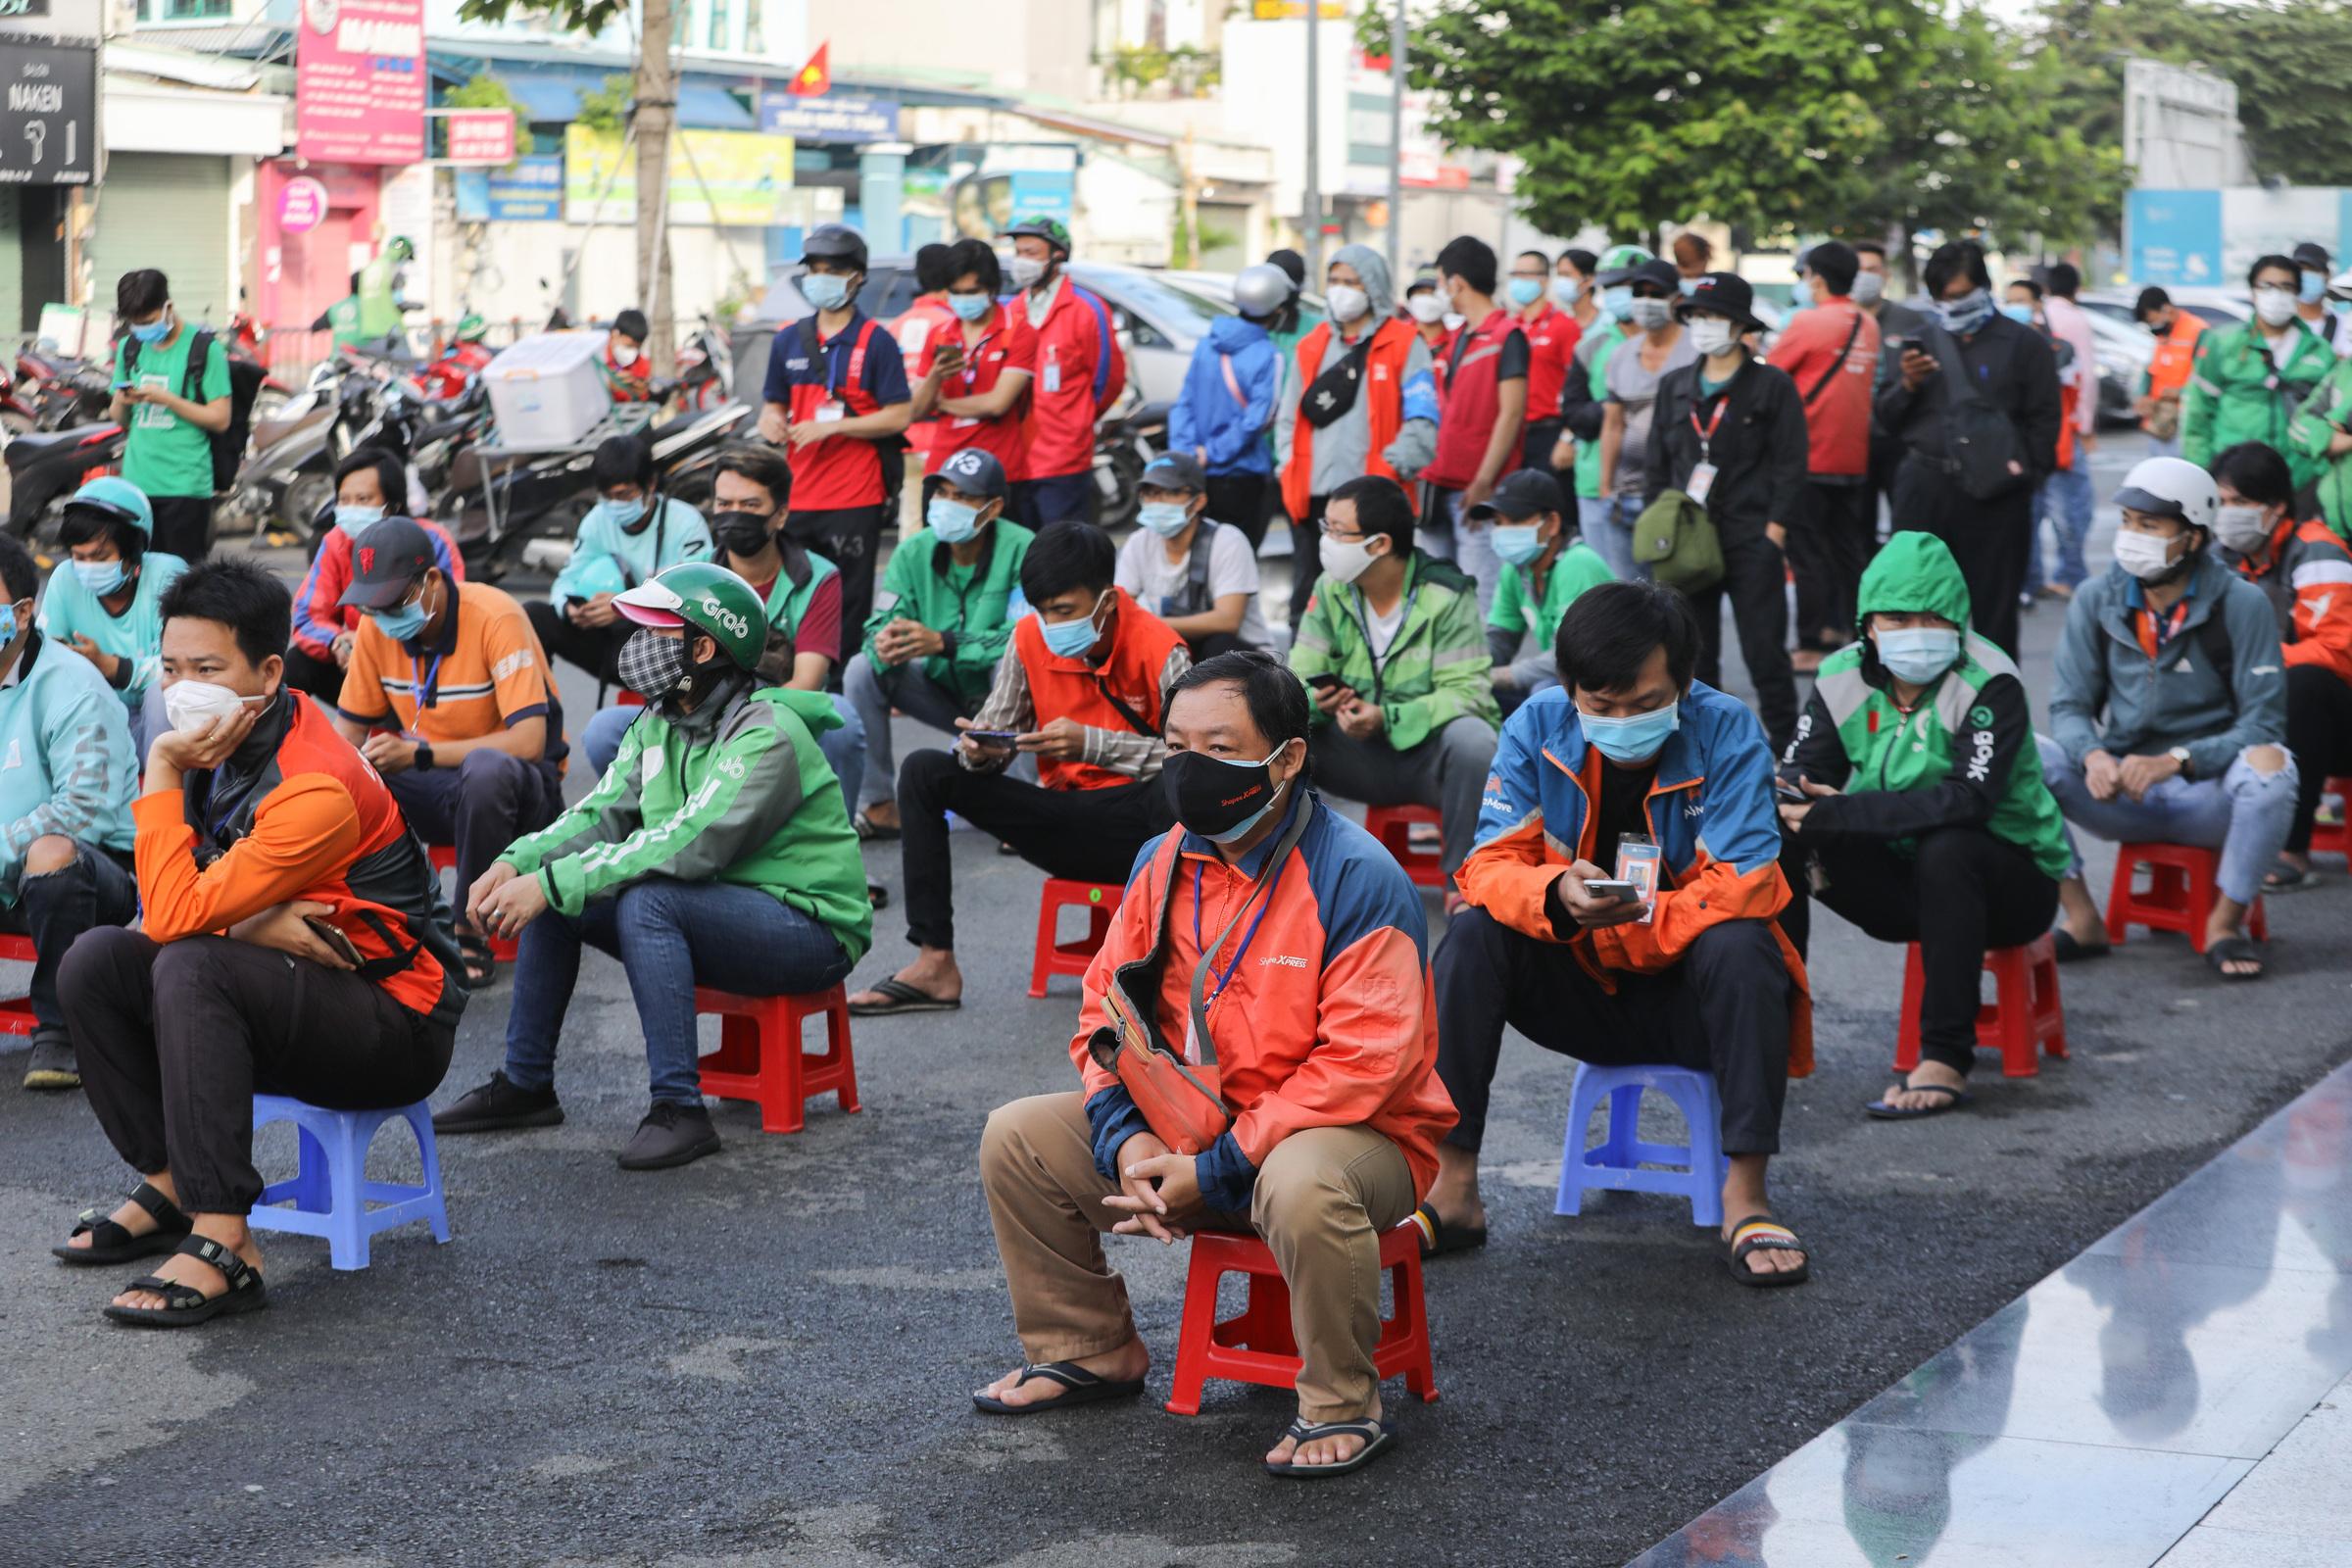 Shipper xếp hàng chờ xét nghiệm ở quận Gò Vấp, ngày 20/9/2021. Ảnh: Quỳnh Trần